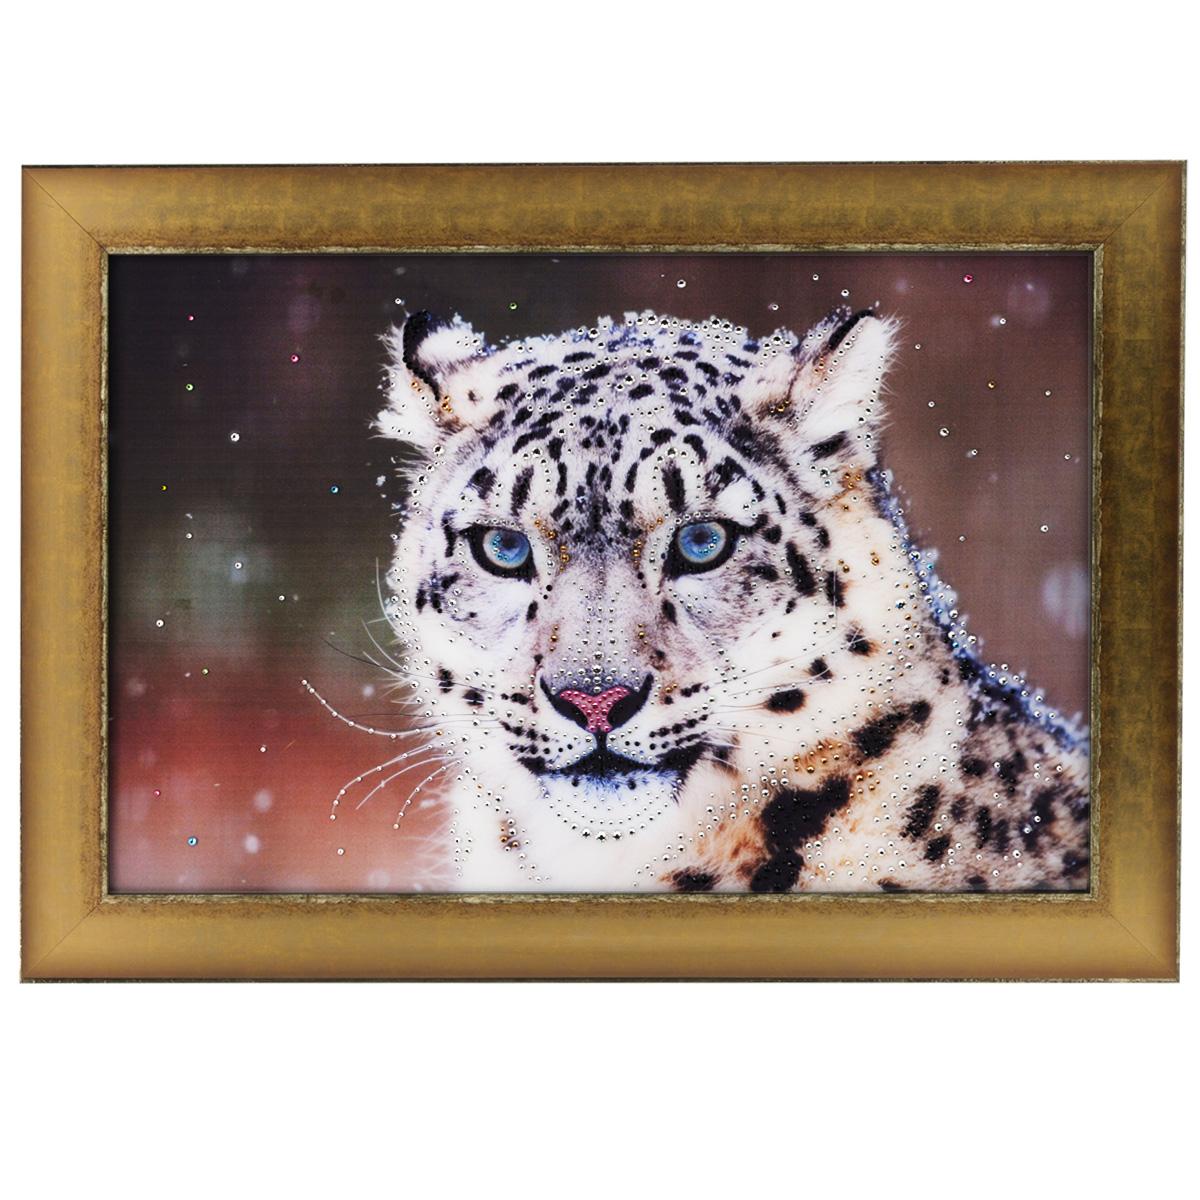 Картина с кристаллами Swarovski Снежный барс, 70 см х 50 смIDEA CT3-06Изящная картина в багетной раме, инкрустирована кристаллами Swarovski, которые отличаются четкой и ровной огранкой, ярким блеском и чистотой цвета. Красочное изображение снежного барса, расположенное под стеклом, прекрасно дополняет блеск кристаллов. С обратной стороны имеется металлическая проволока для размещения картины на стене. Картина с кристаллами Swarovski Снежный барс элегантно украсит интерьер дома или офиса, а также станет прекрасным подарком, который обязательно понравится получателю. Блеск кристаллов в интерьере, что может быть сказочнее и удивительнее. Картина упакована в подарочную картонную коробку синего цвета и комплектуется сертификатом соответствия Swarovski.